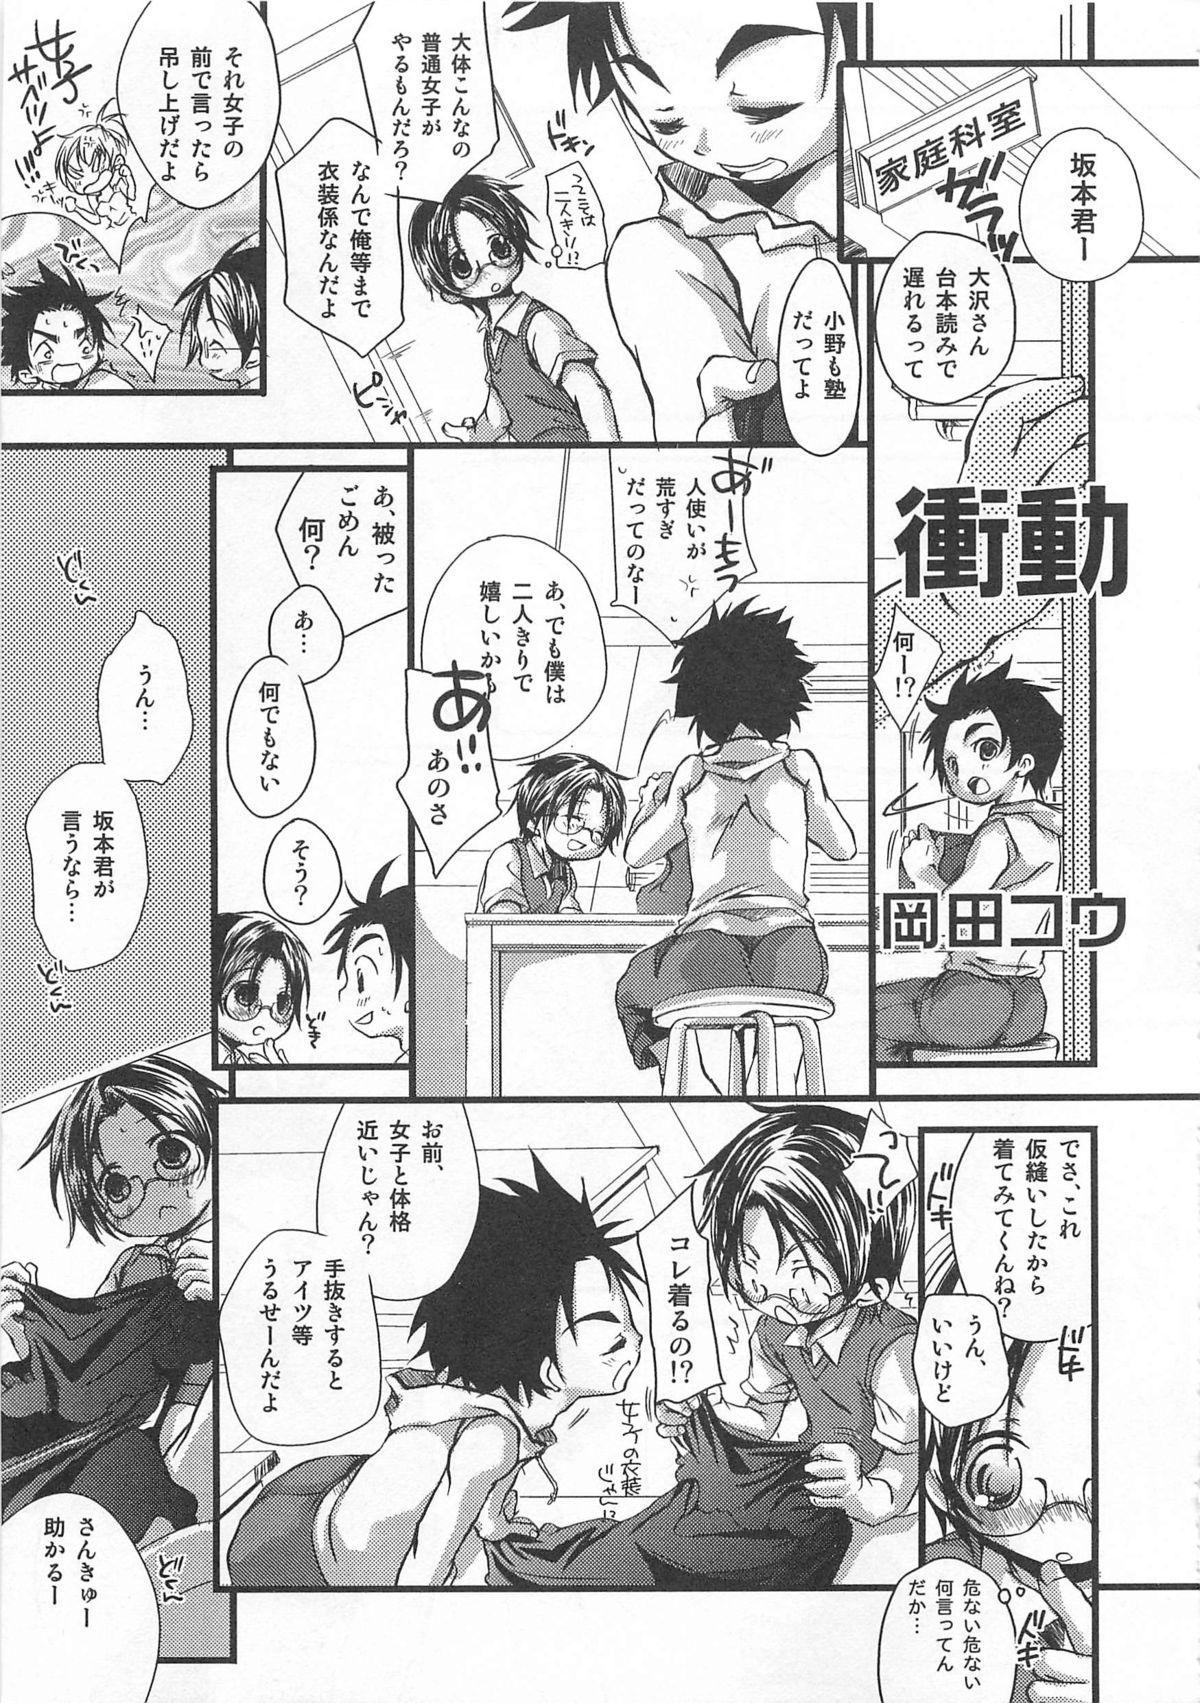 Otokonoko HEAVEN Vol. 01 Meganekko 45